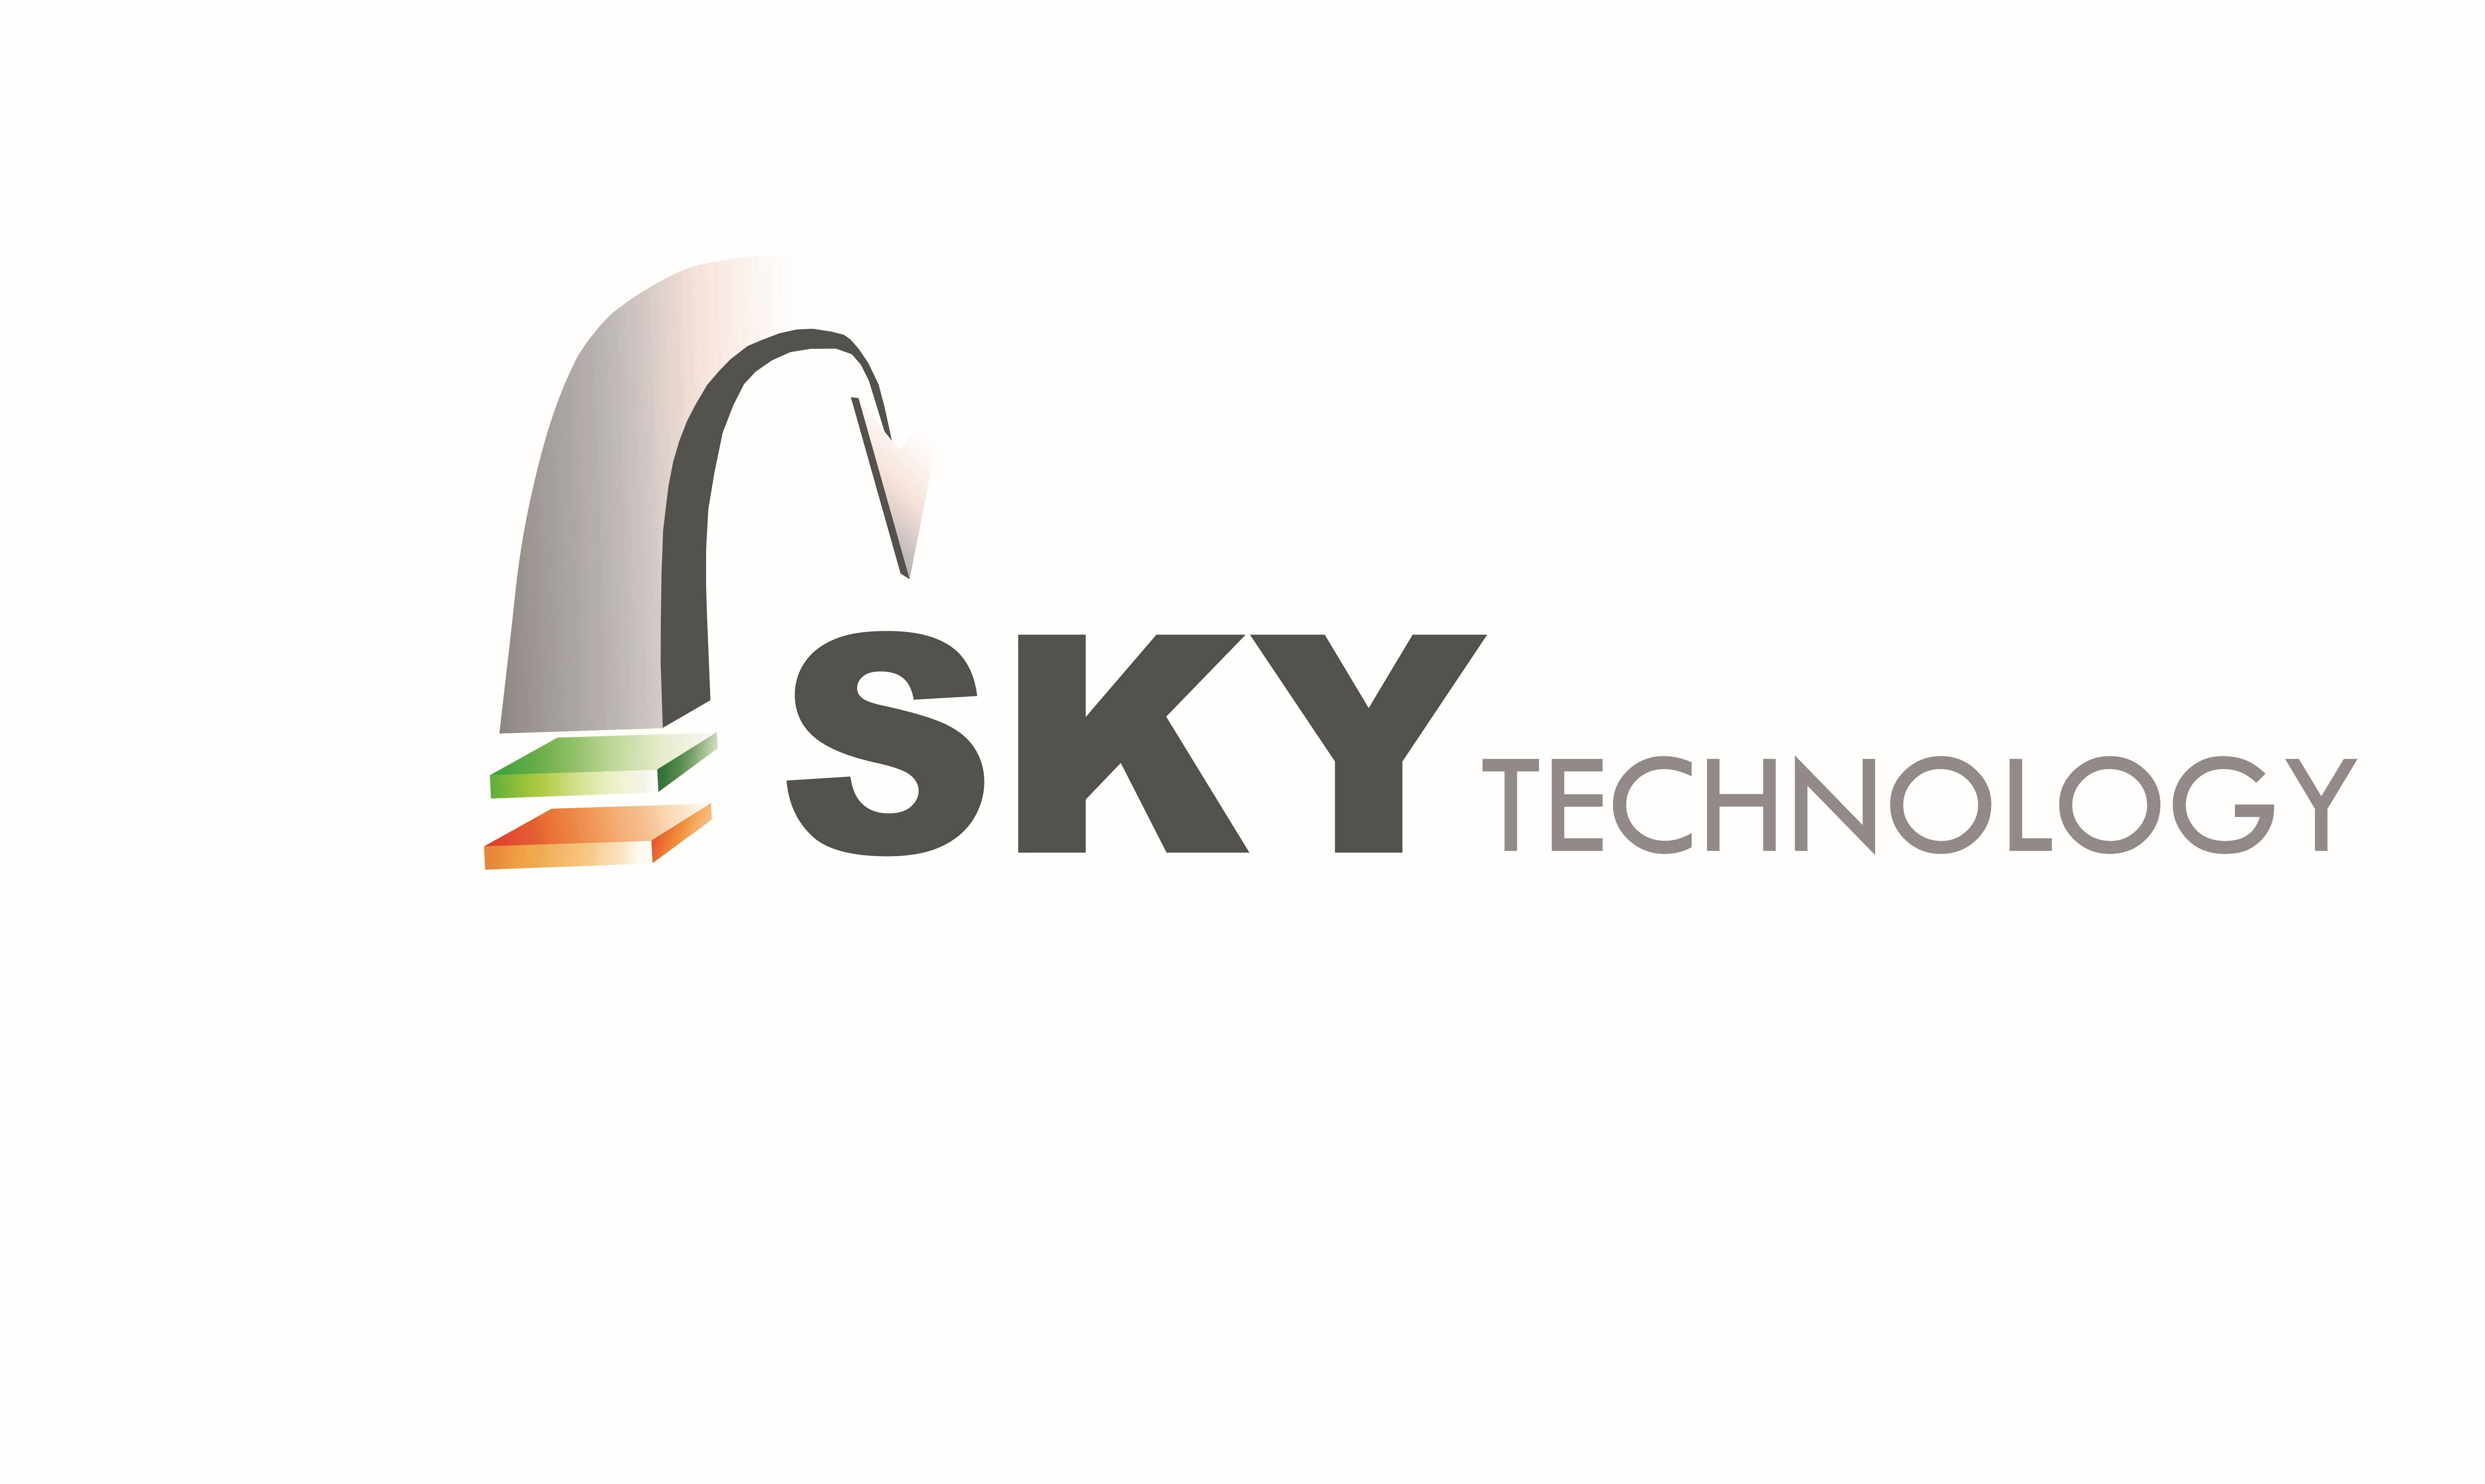 Новый логотип для производственной компании фото f_8985a87362581b47.jpg